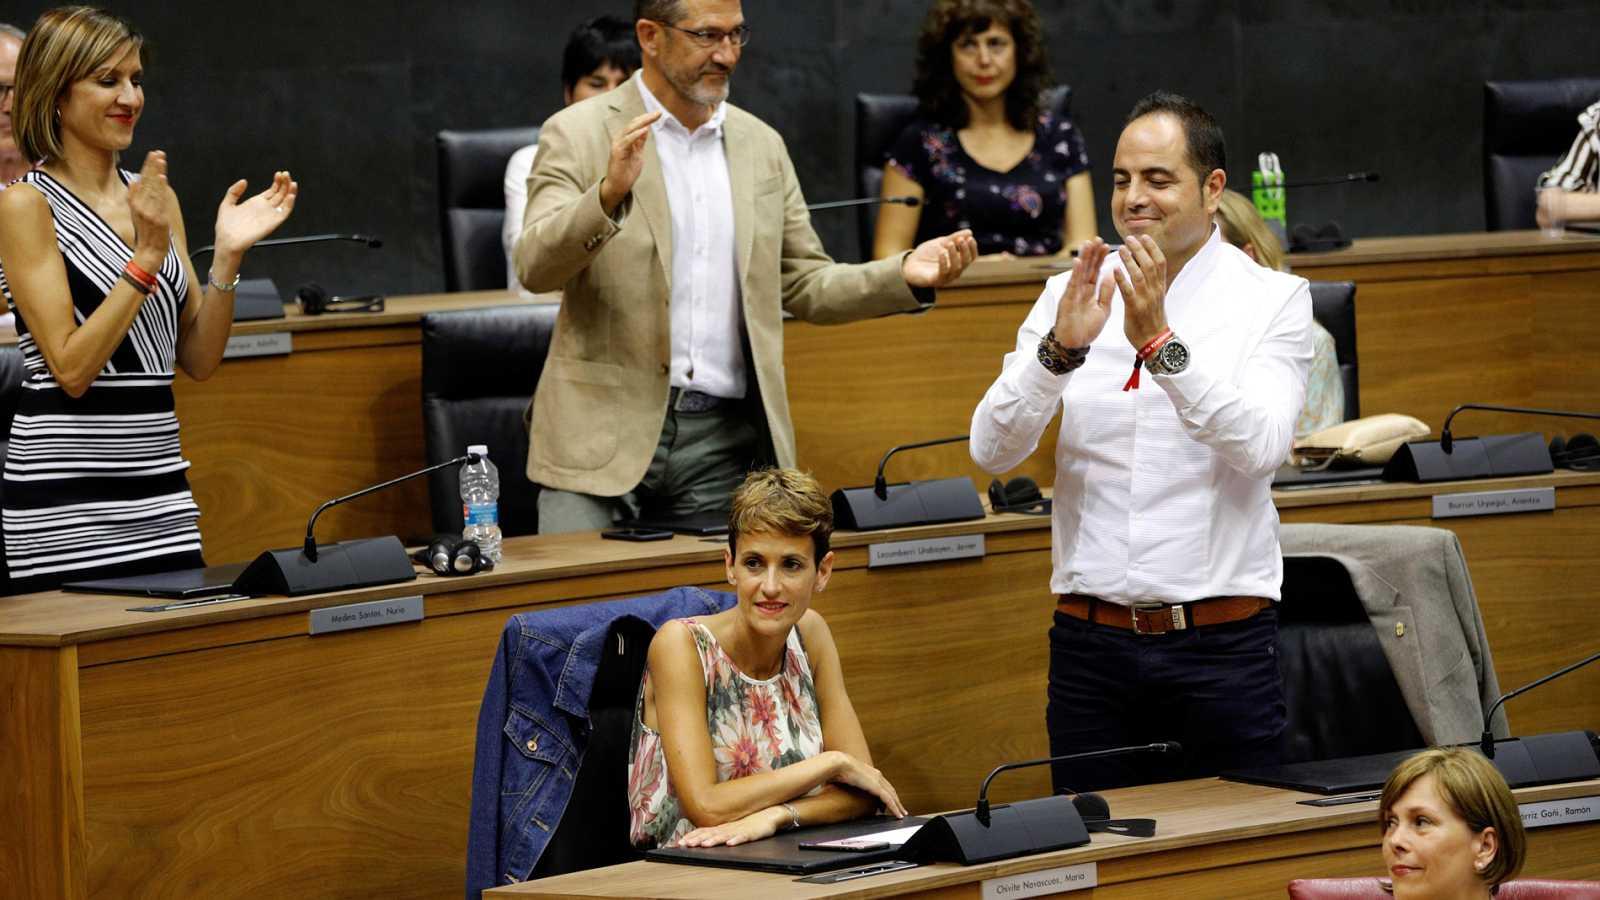 La socialista Chivite, presidenta de Navarra gracias a la abstención de EH Bildu